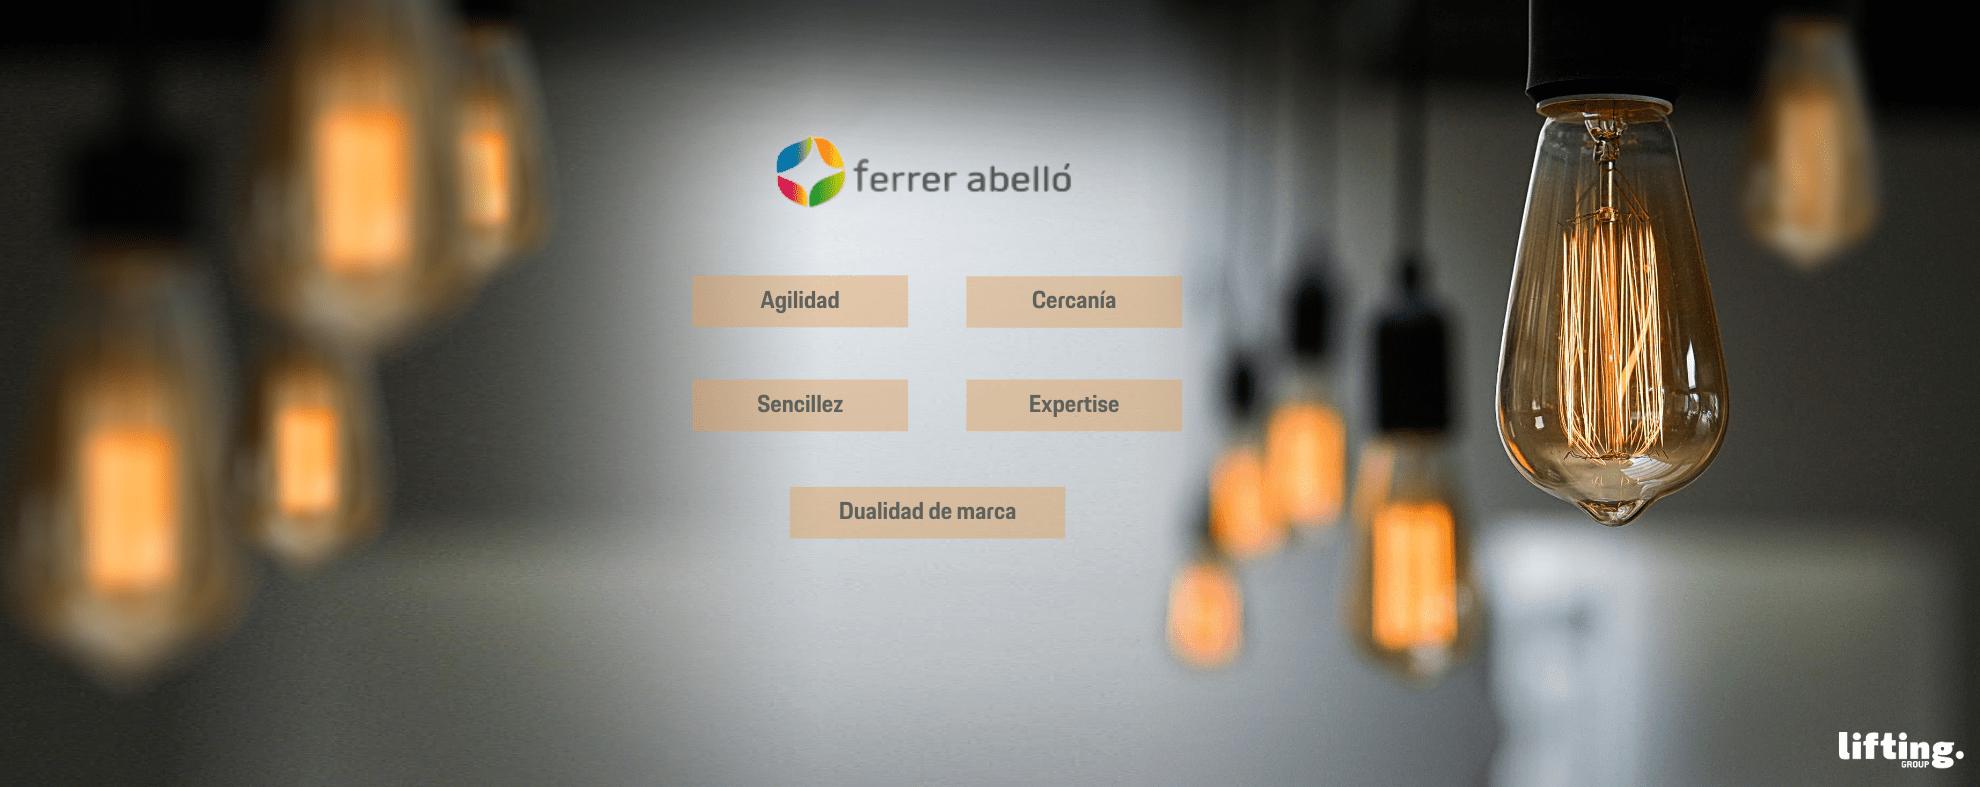 Desarrollamos de la mano del Grupo Ferrer Abelló su plan de comunicación y arquitectura de marcas.